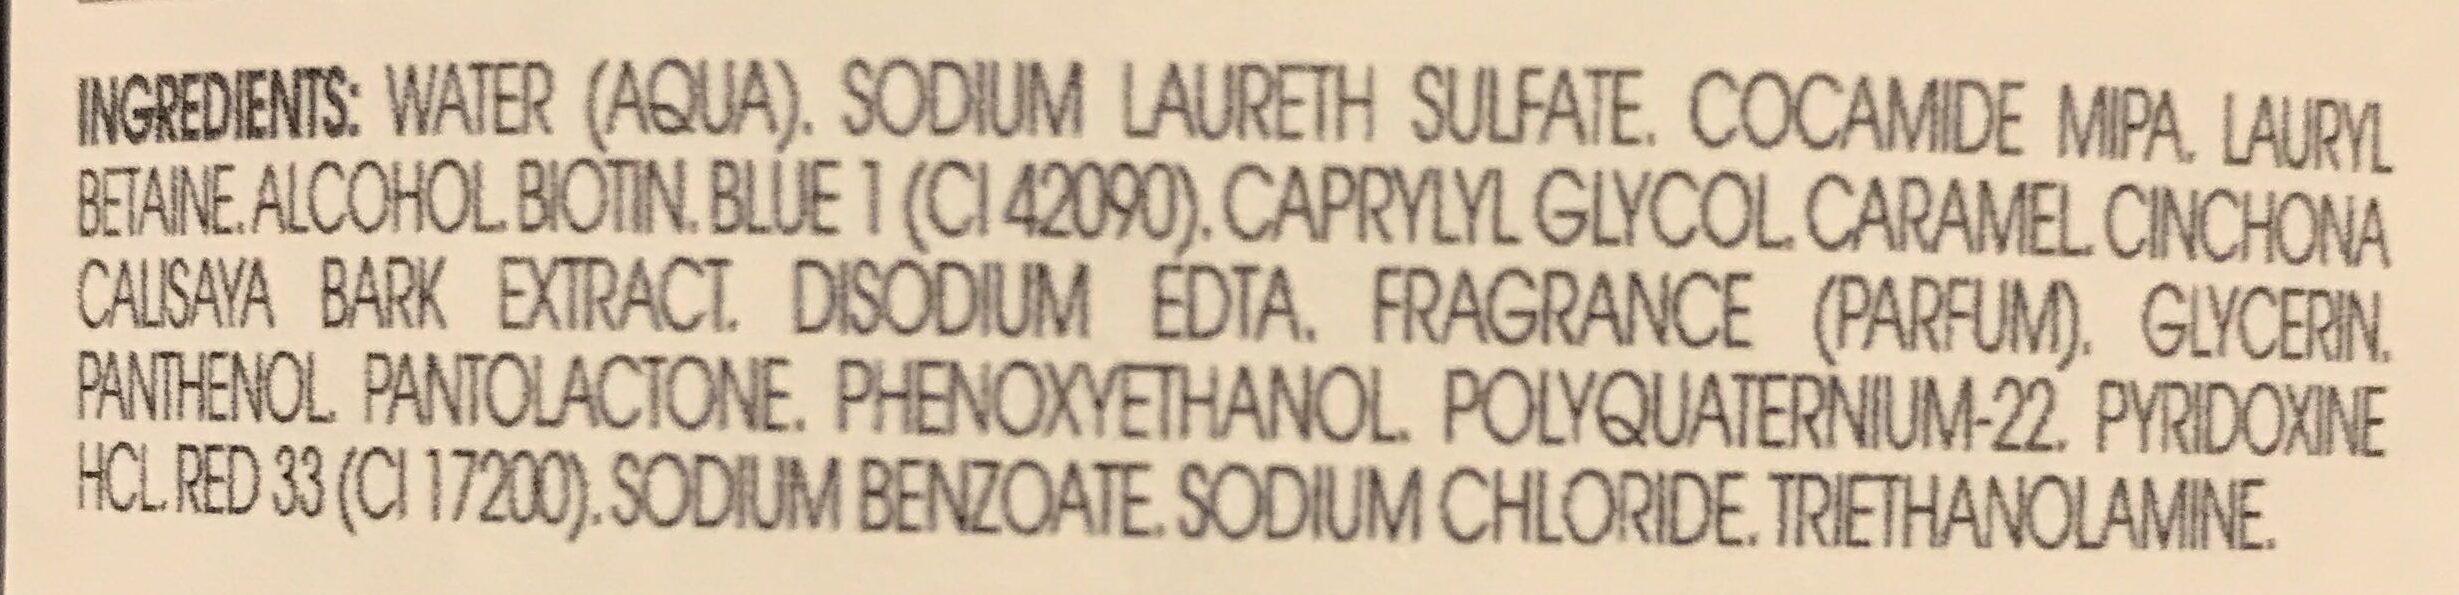 Fortifiant & Stimulant Shampooing à la Quinine et aux Vitamines B - Ingredients